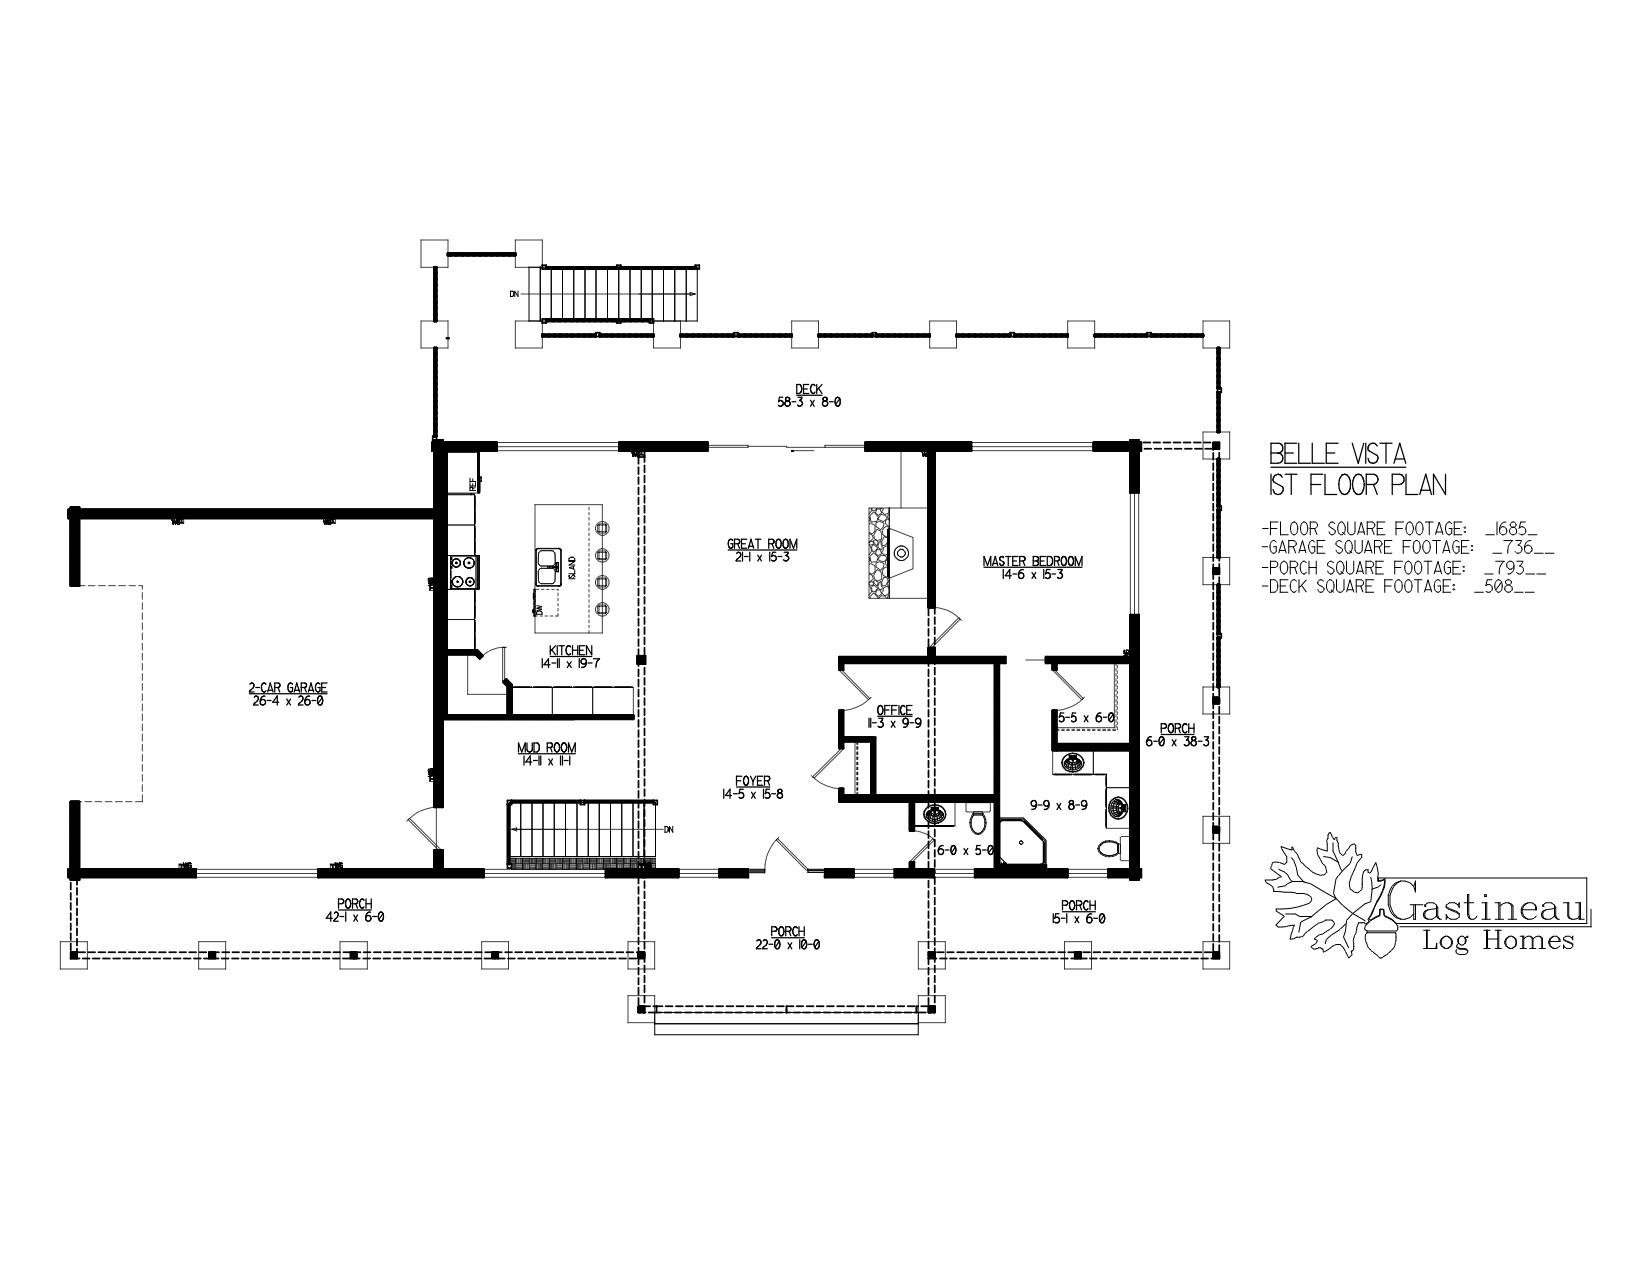 Belle Vista Floor Plan